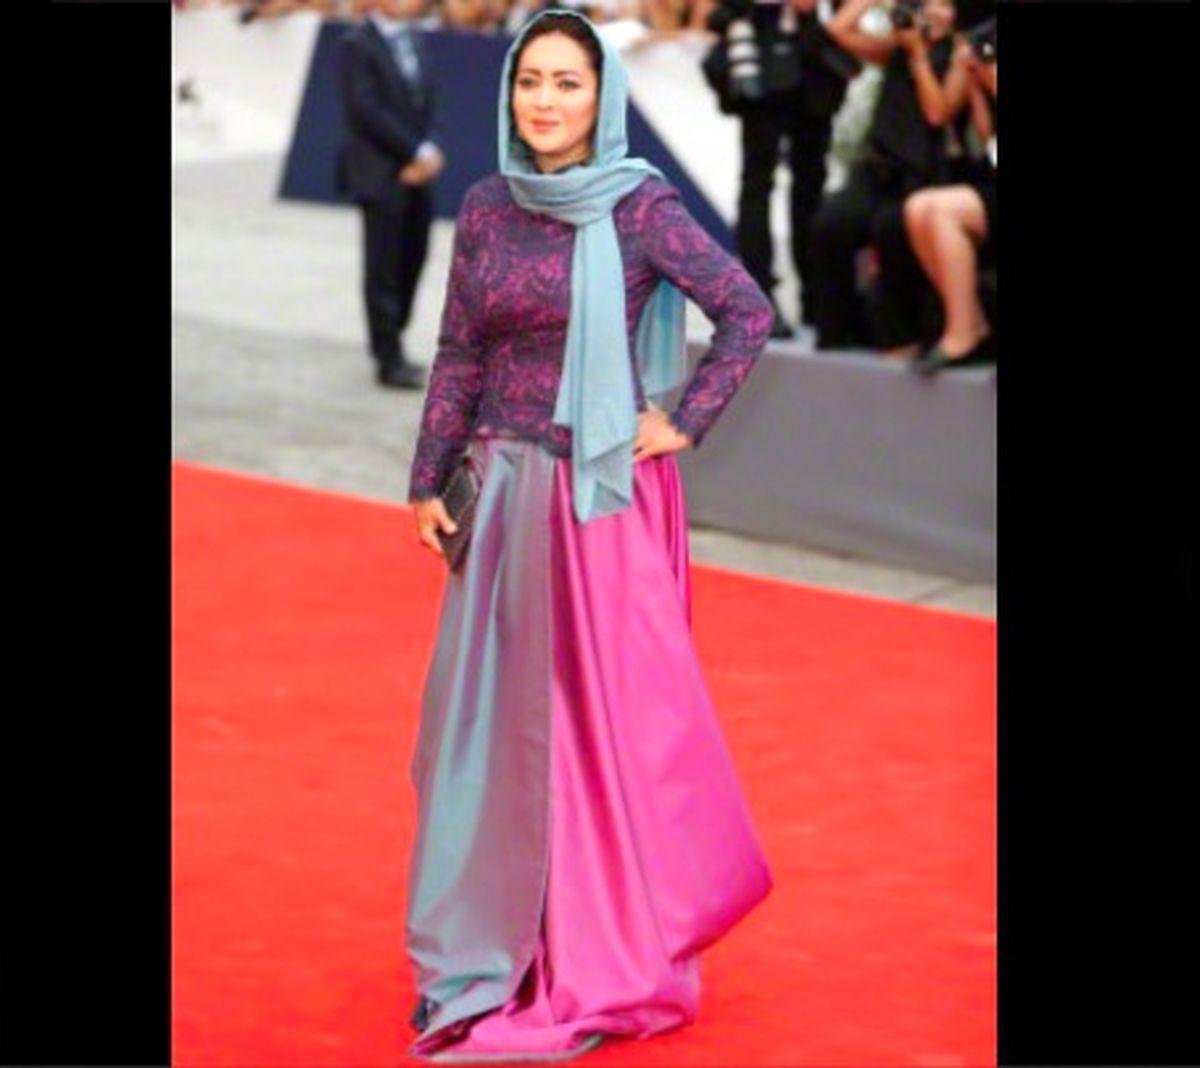 لباس شیک نیکی کریمی در جشنواره بین المللی+عکس | نشان آنلاین